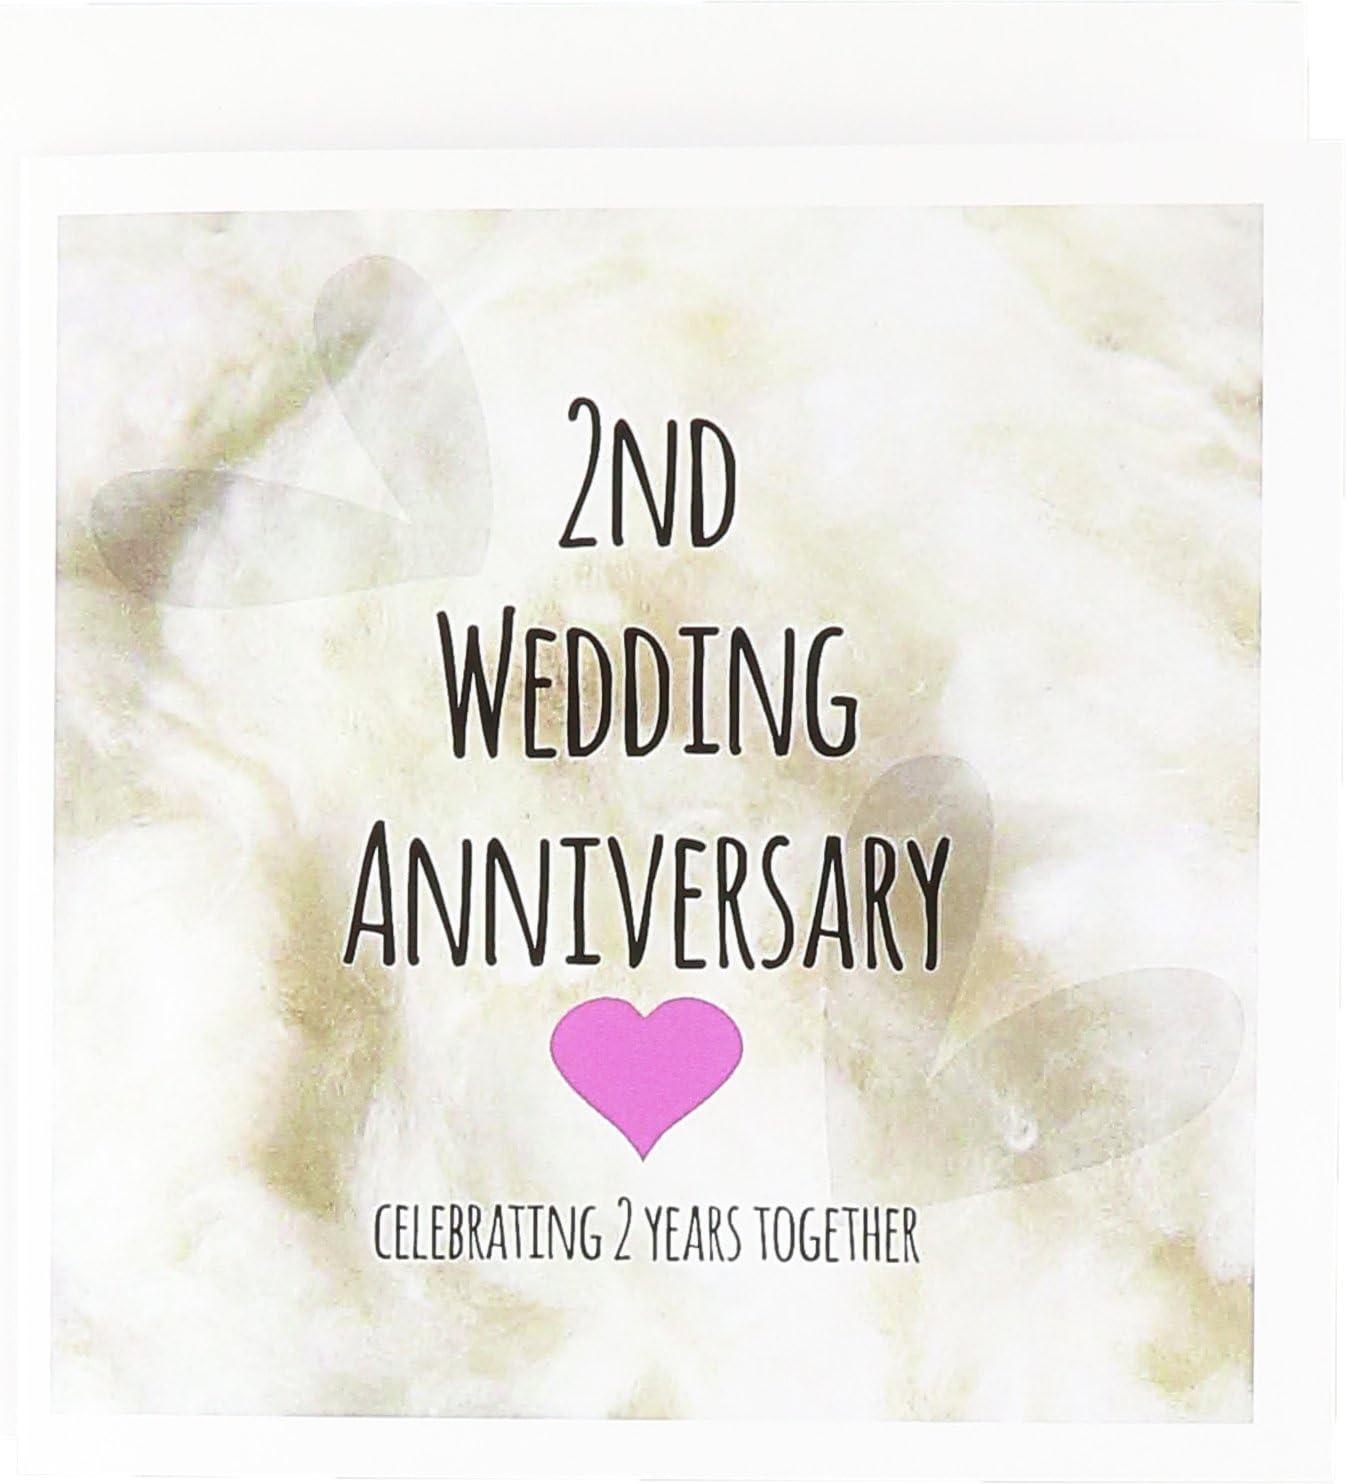 Amazon.com : 8nd Wedding Anniversary - Celebrating 8 years